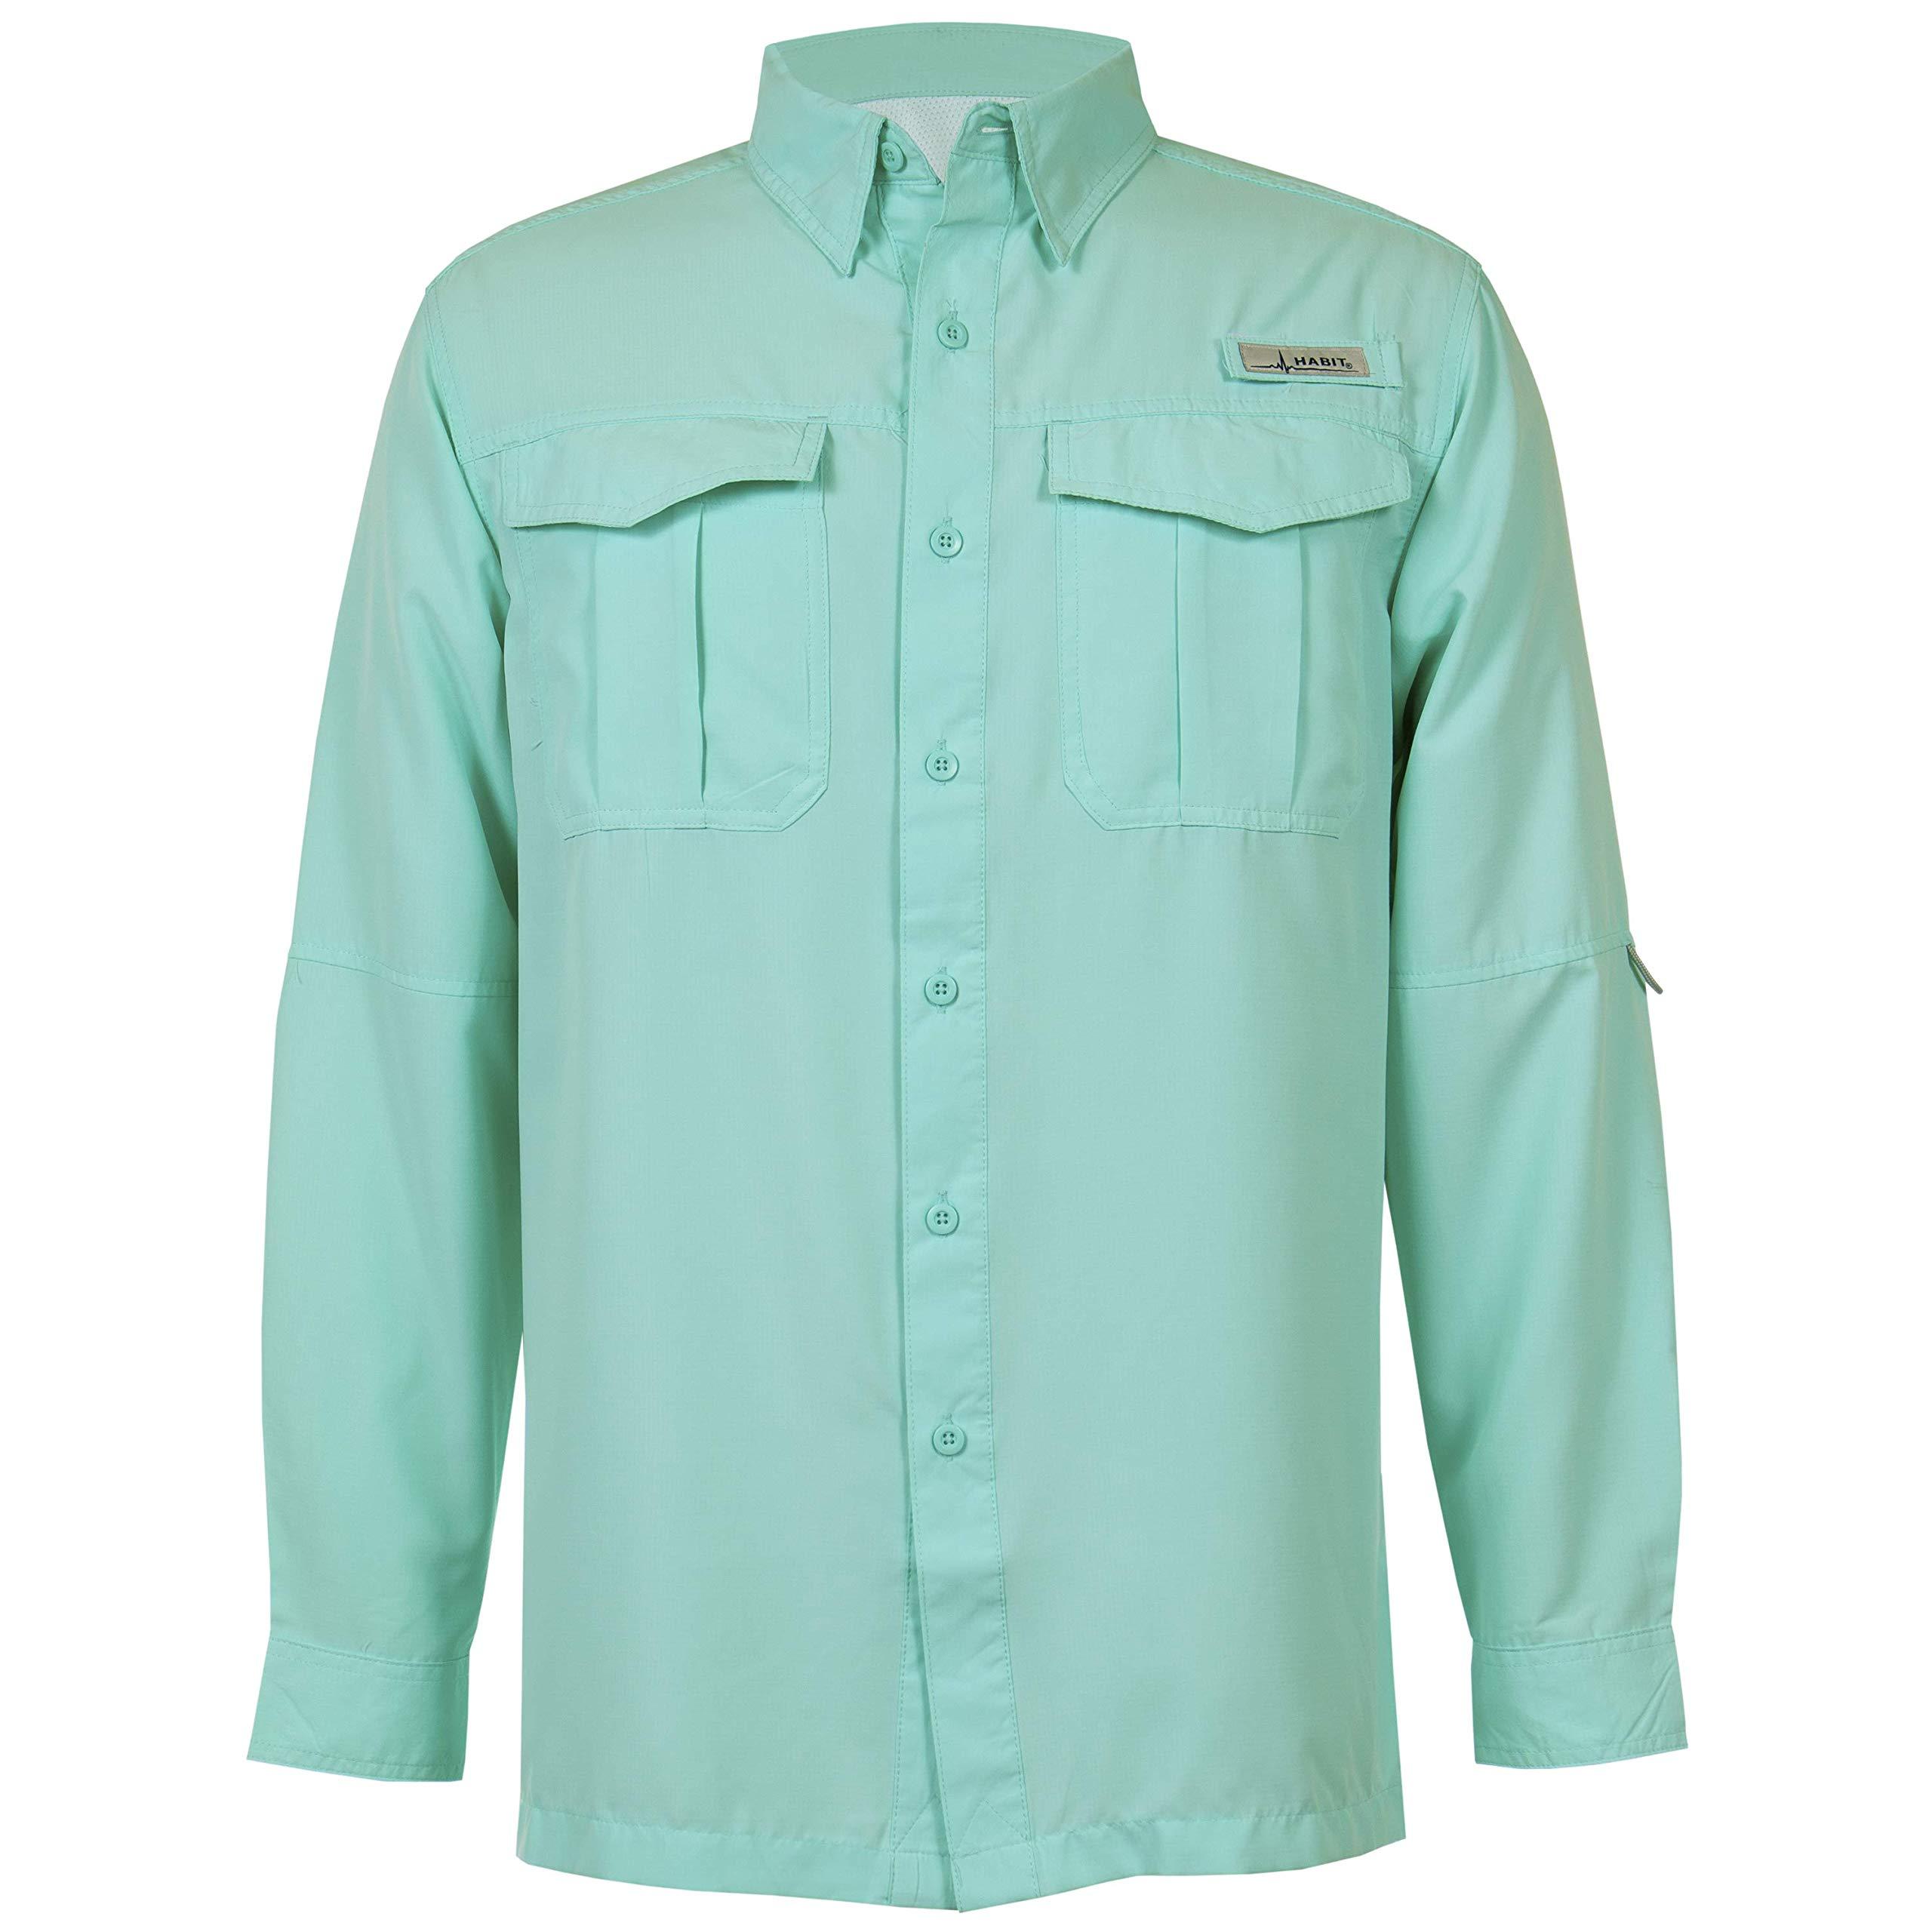 HABIT Men's Belcoast Long Sleeve River Guide Fishing Shirt, Aruba Blue, 2X-Large